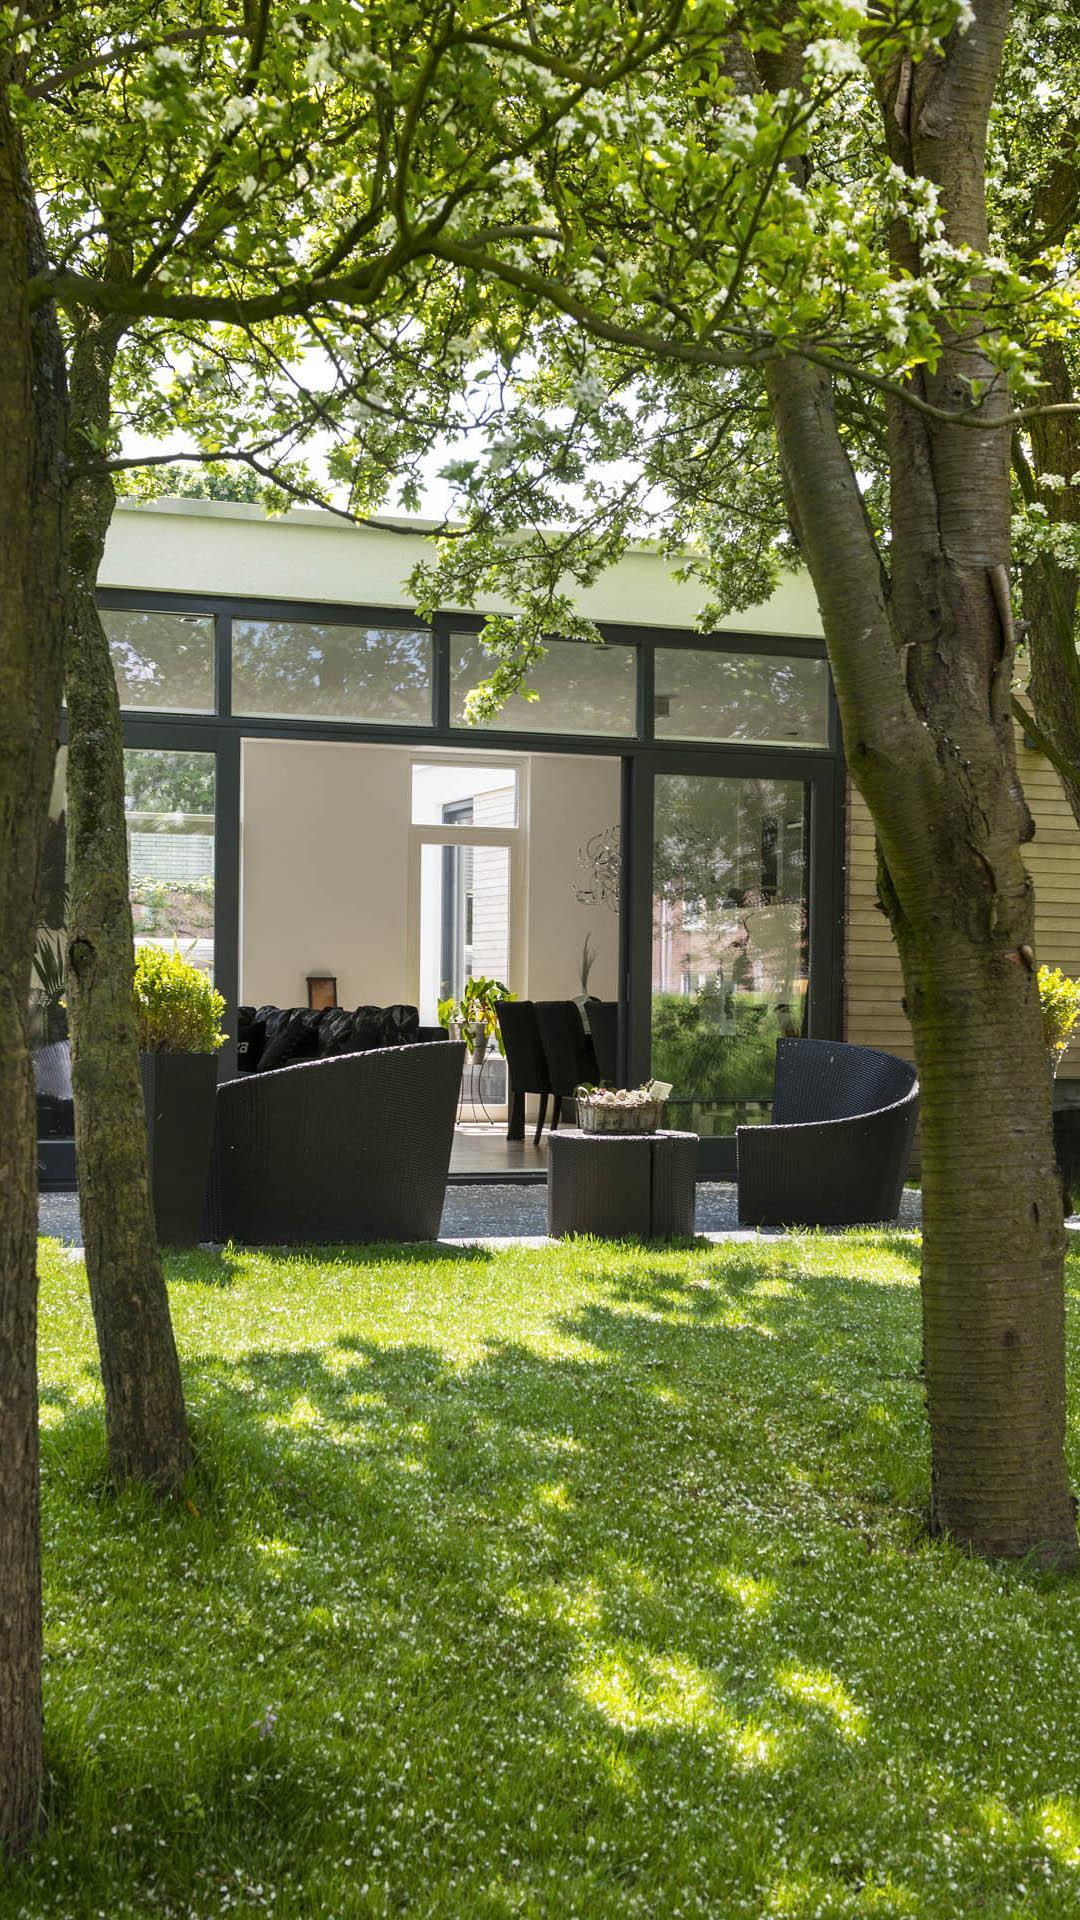 Architectuur nootdorp gooland renovatie aanbouw interieur bungalow 13 studio d11 - Architectuur renovatie ...